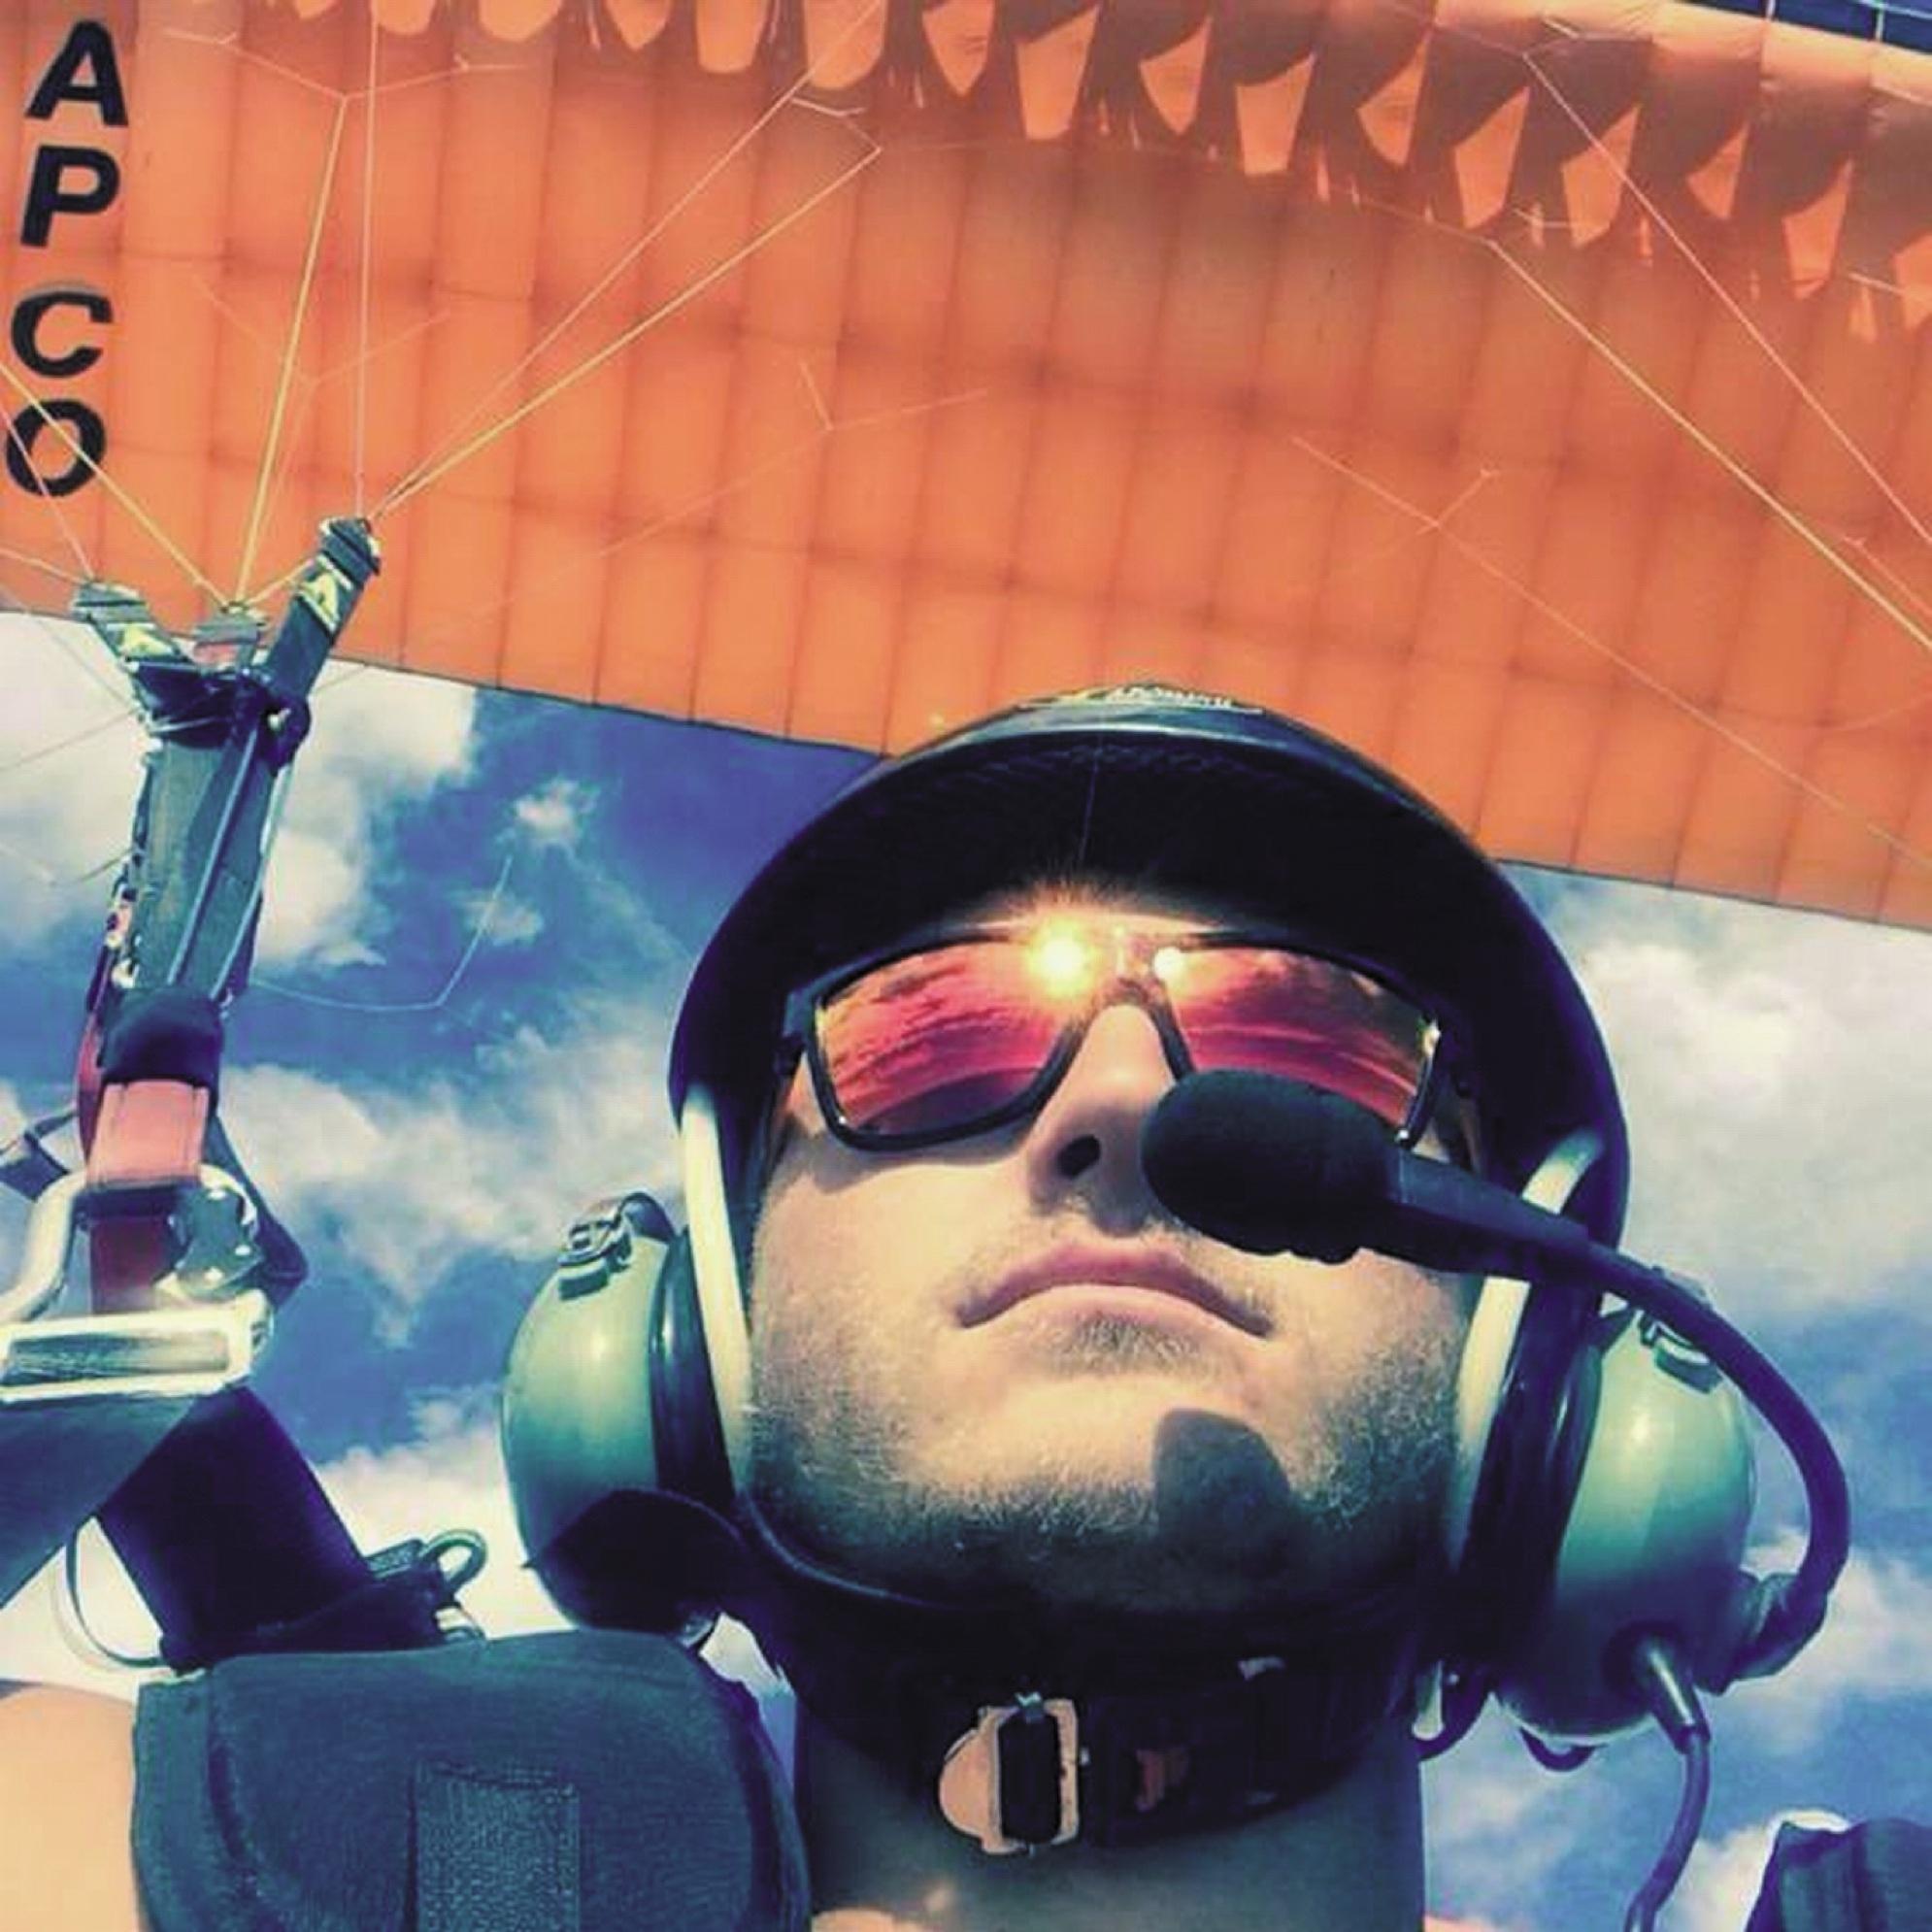 Kyle Wittstock in flight. Picture:Facebook